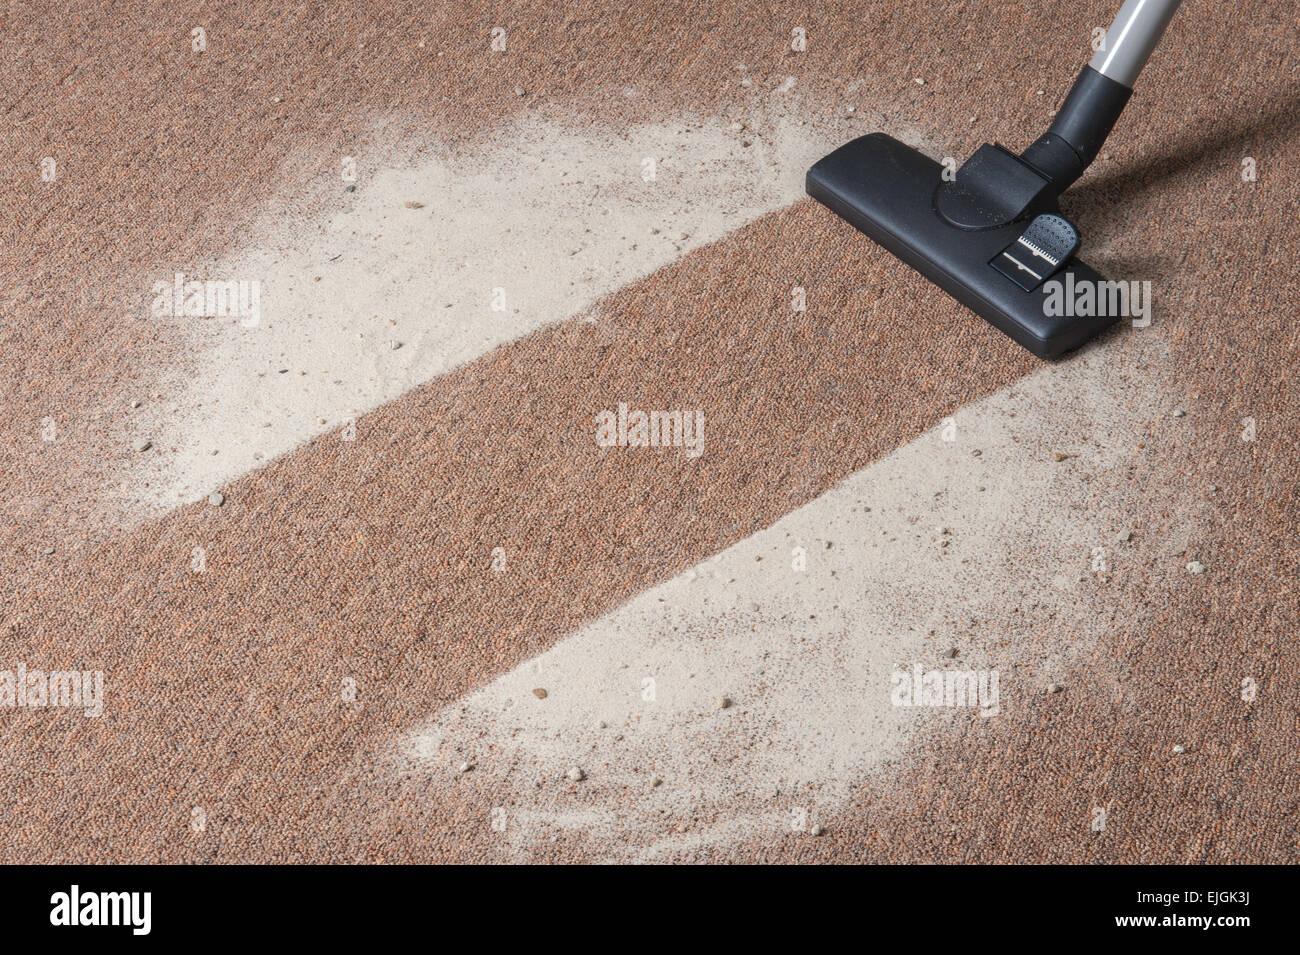 Staubsaugen Schmutz auf Teppichböden Stockbild